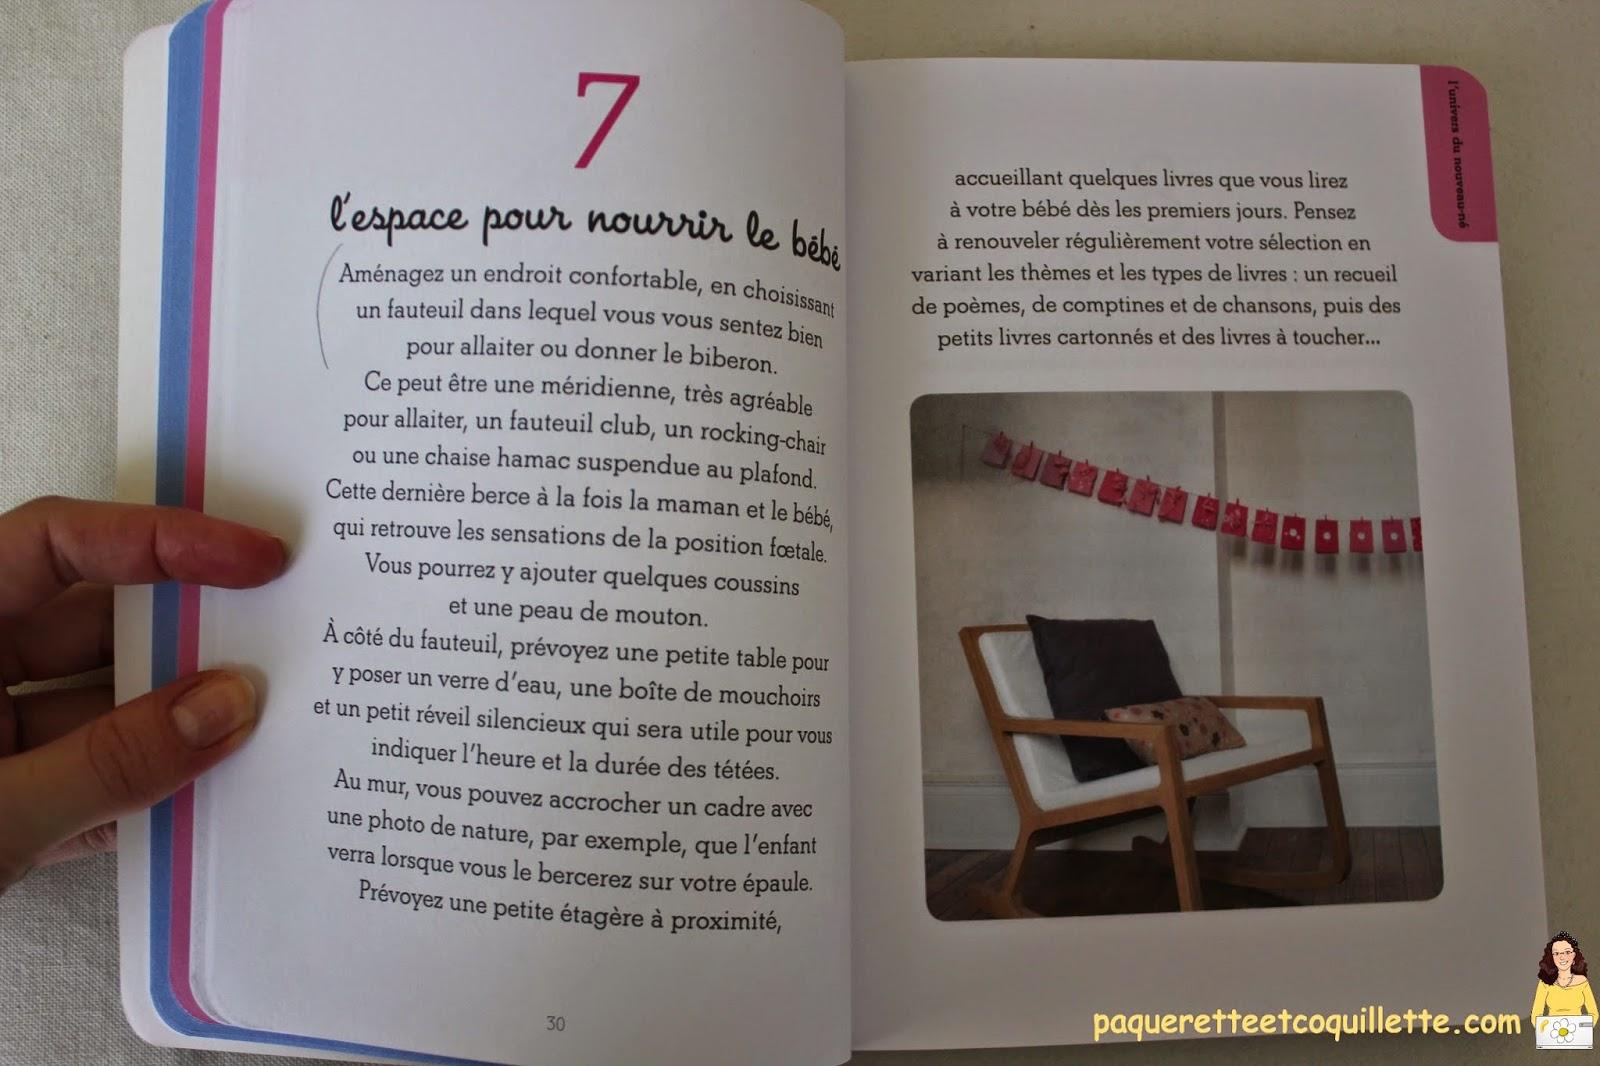 paquerette et coquillette la chambre de coquillette fa on montessori. Black Bedroom Furniture Sets. Home Design Ideas